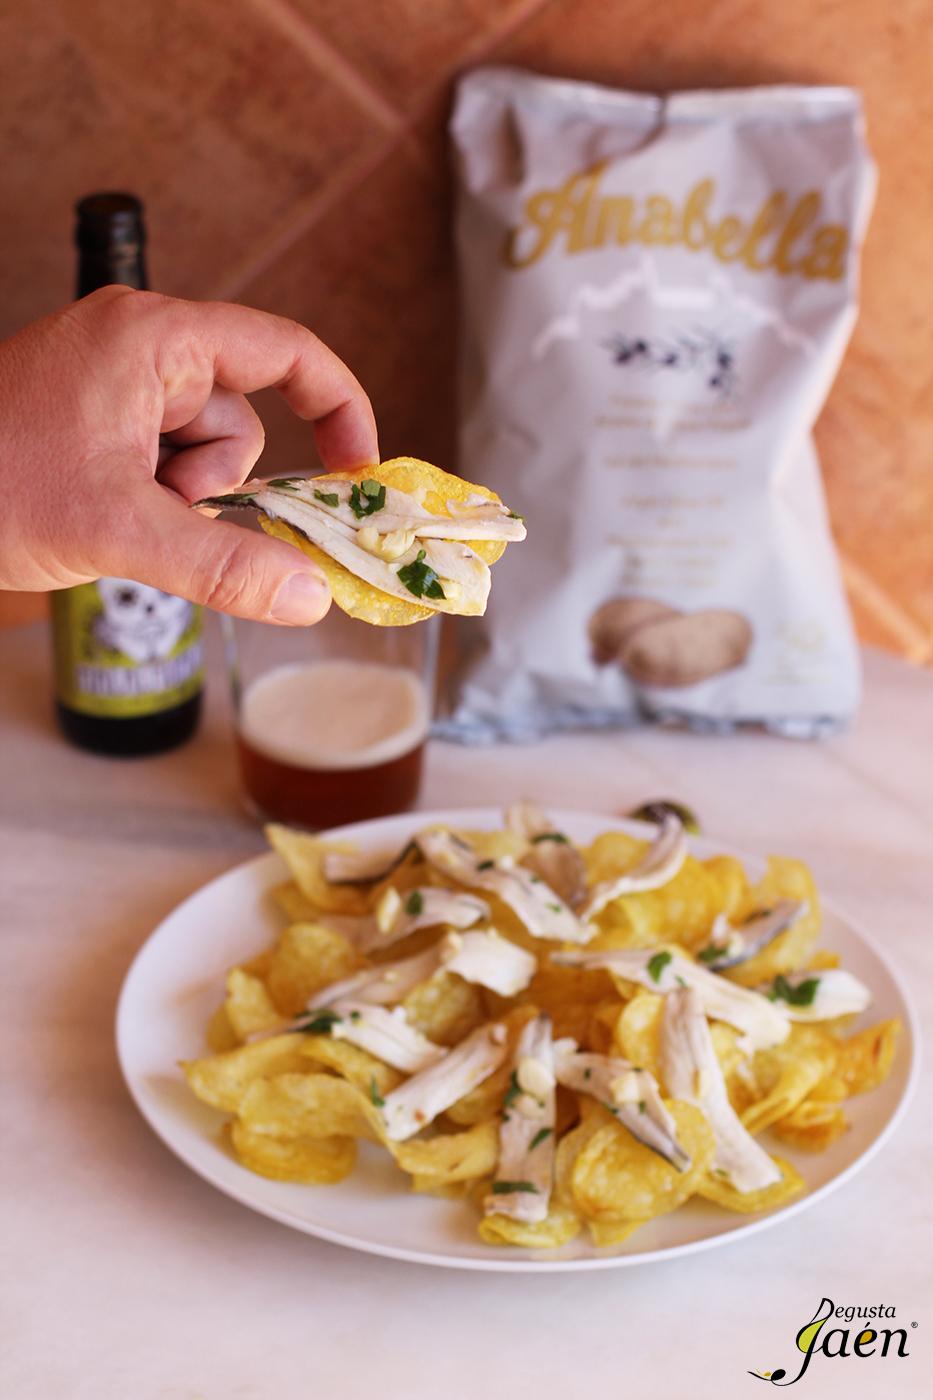 Patatas fritas Anabella con boquerones en vinagre Degusta Jaen